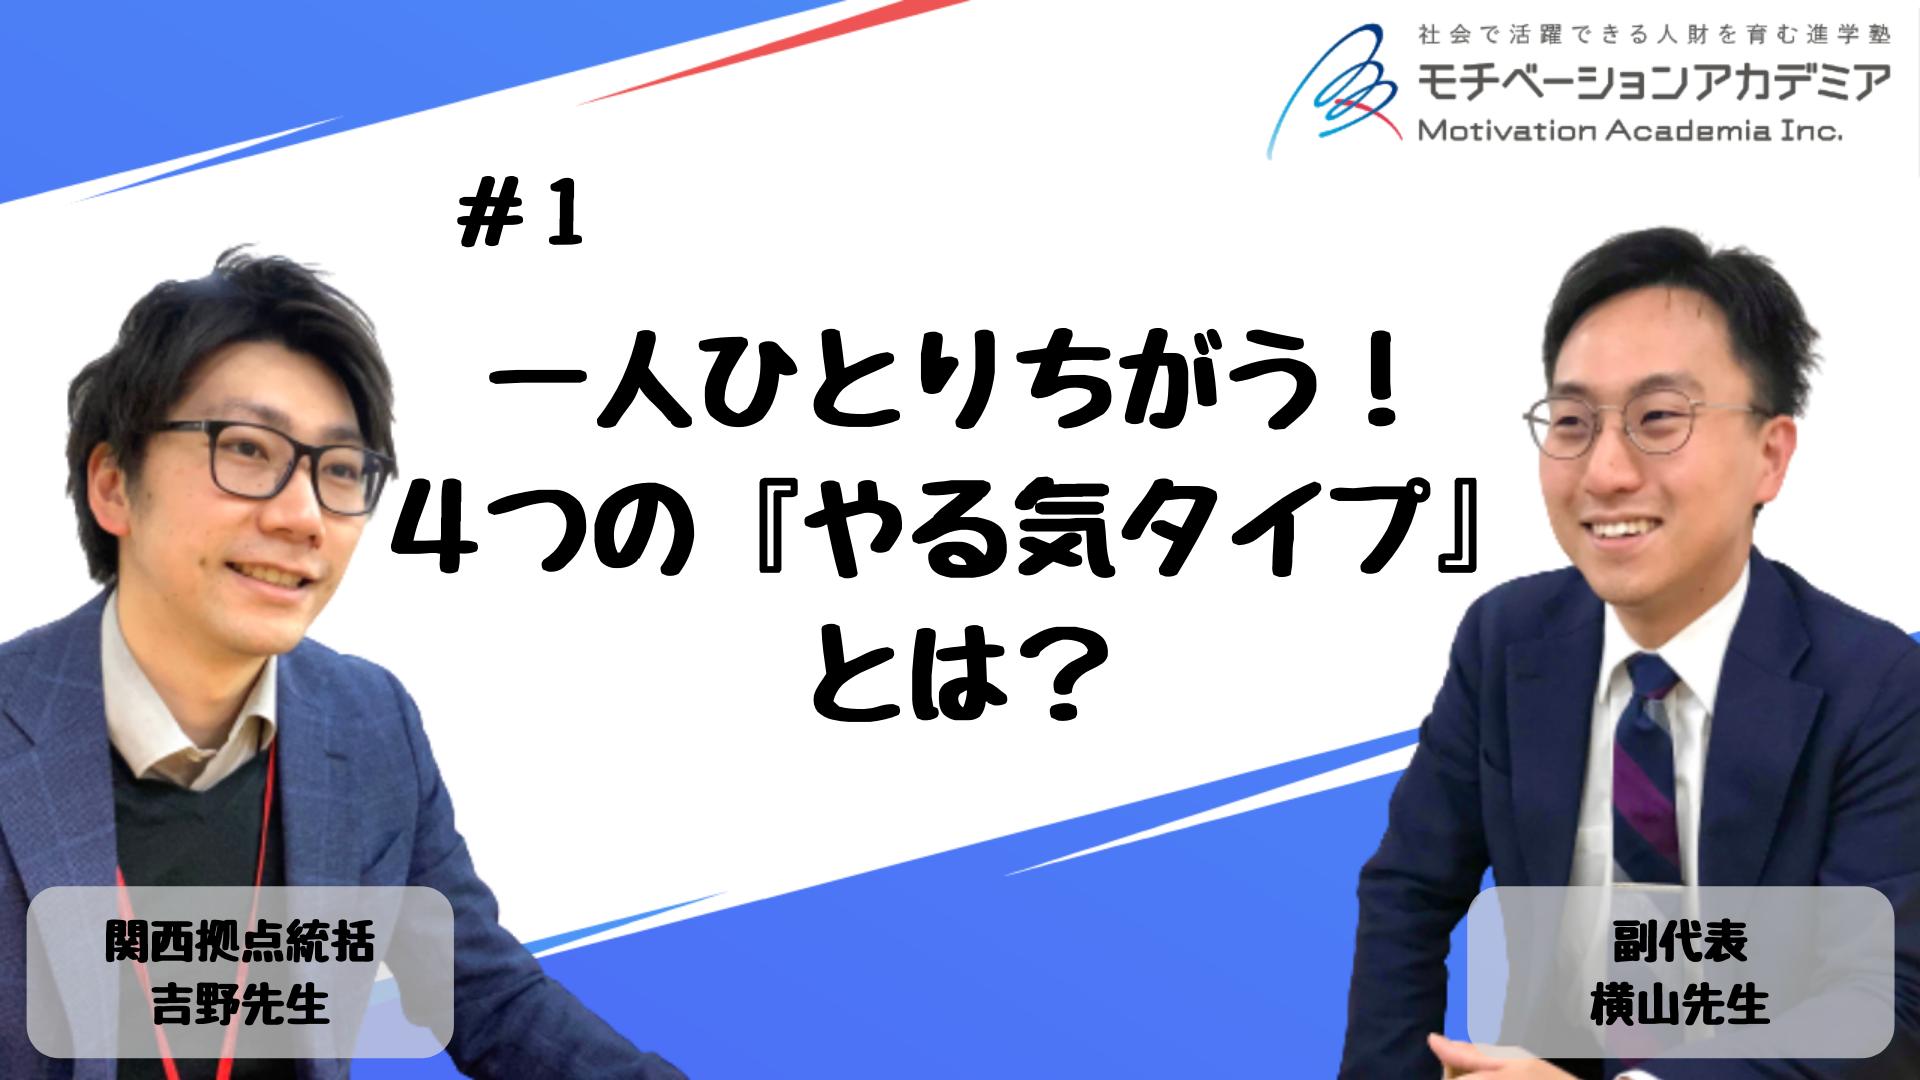 【動画】#1 一人ひとりちがう!4つの『やる気タイプ』とは?